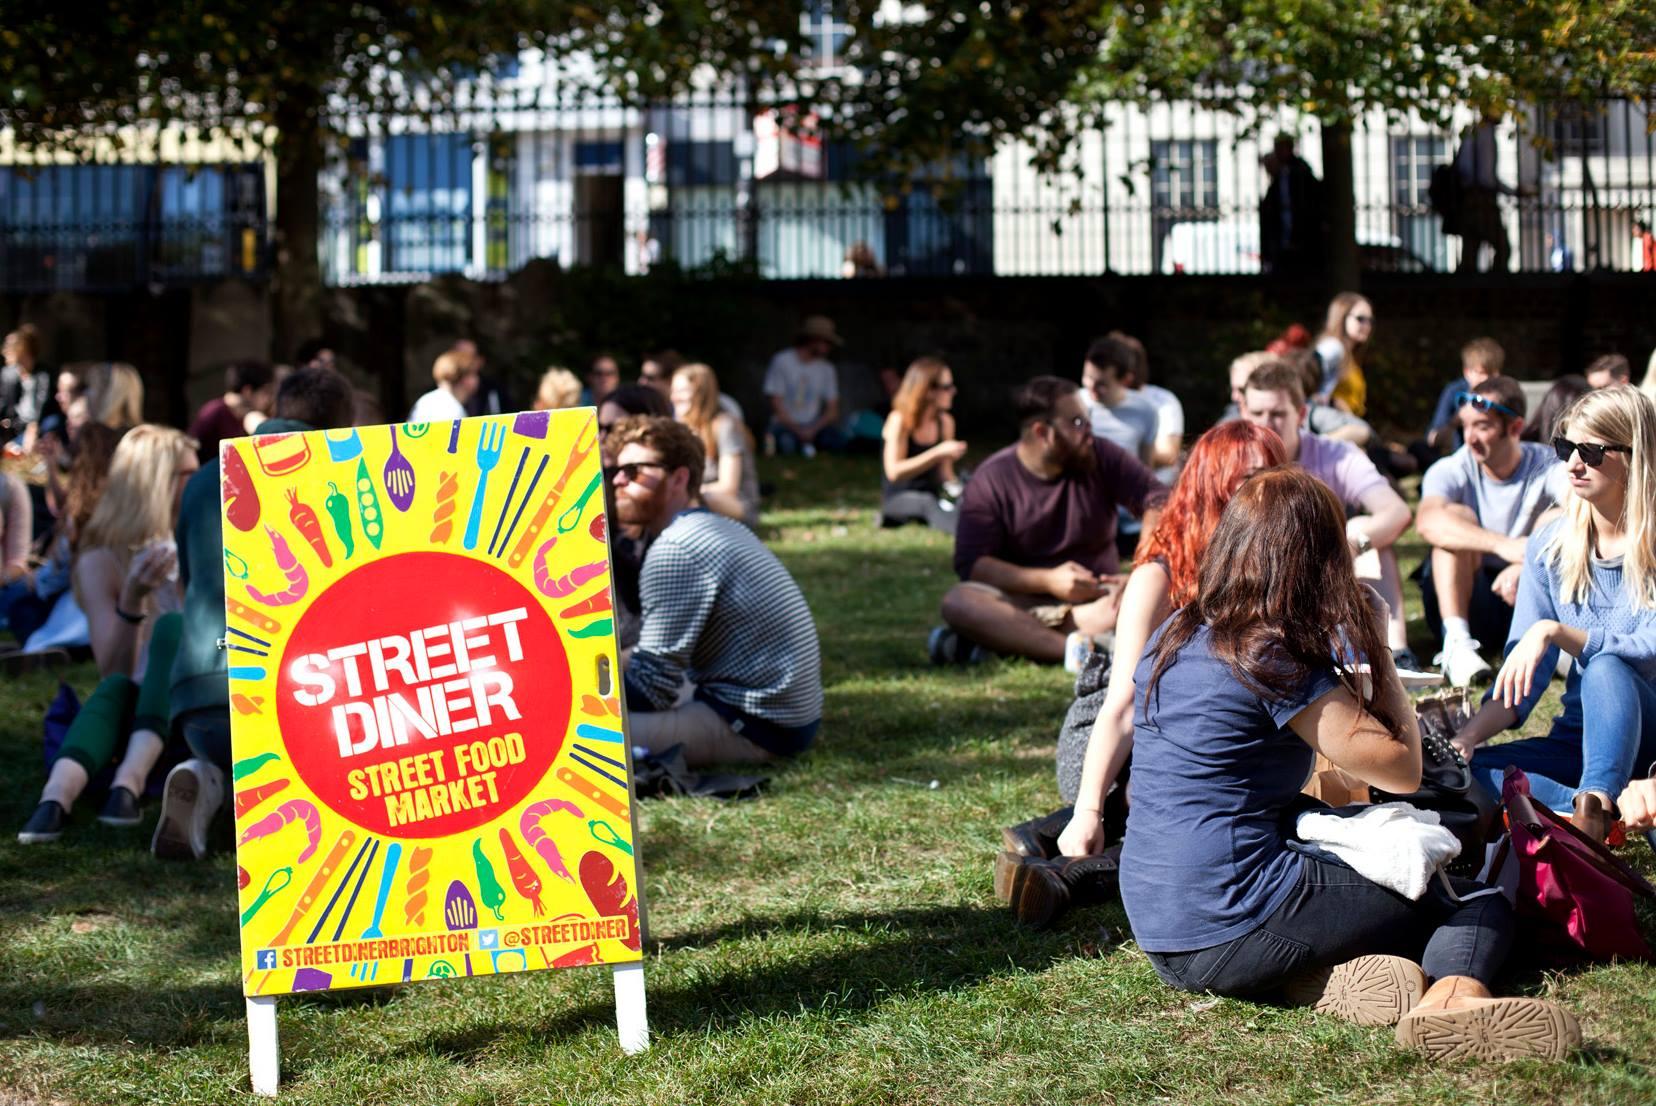 Street Diner01.jpg